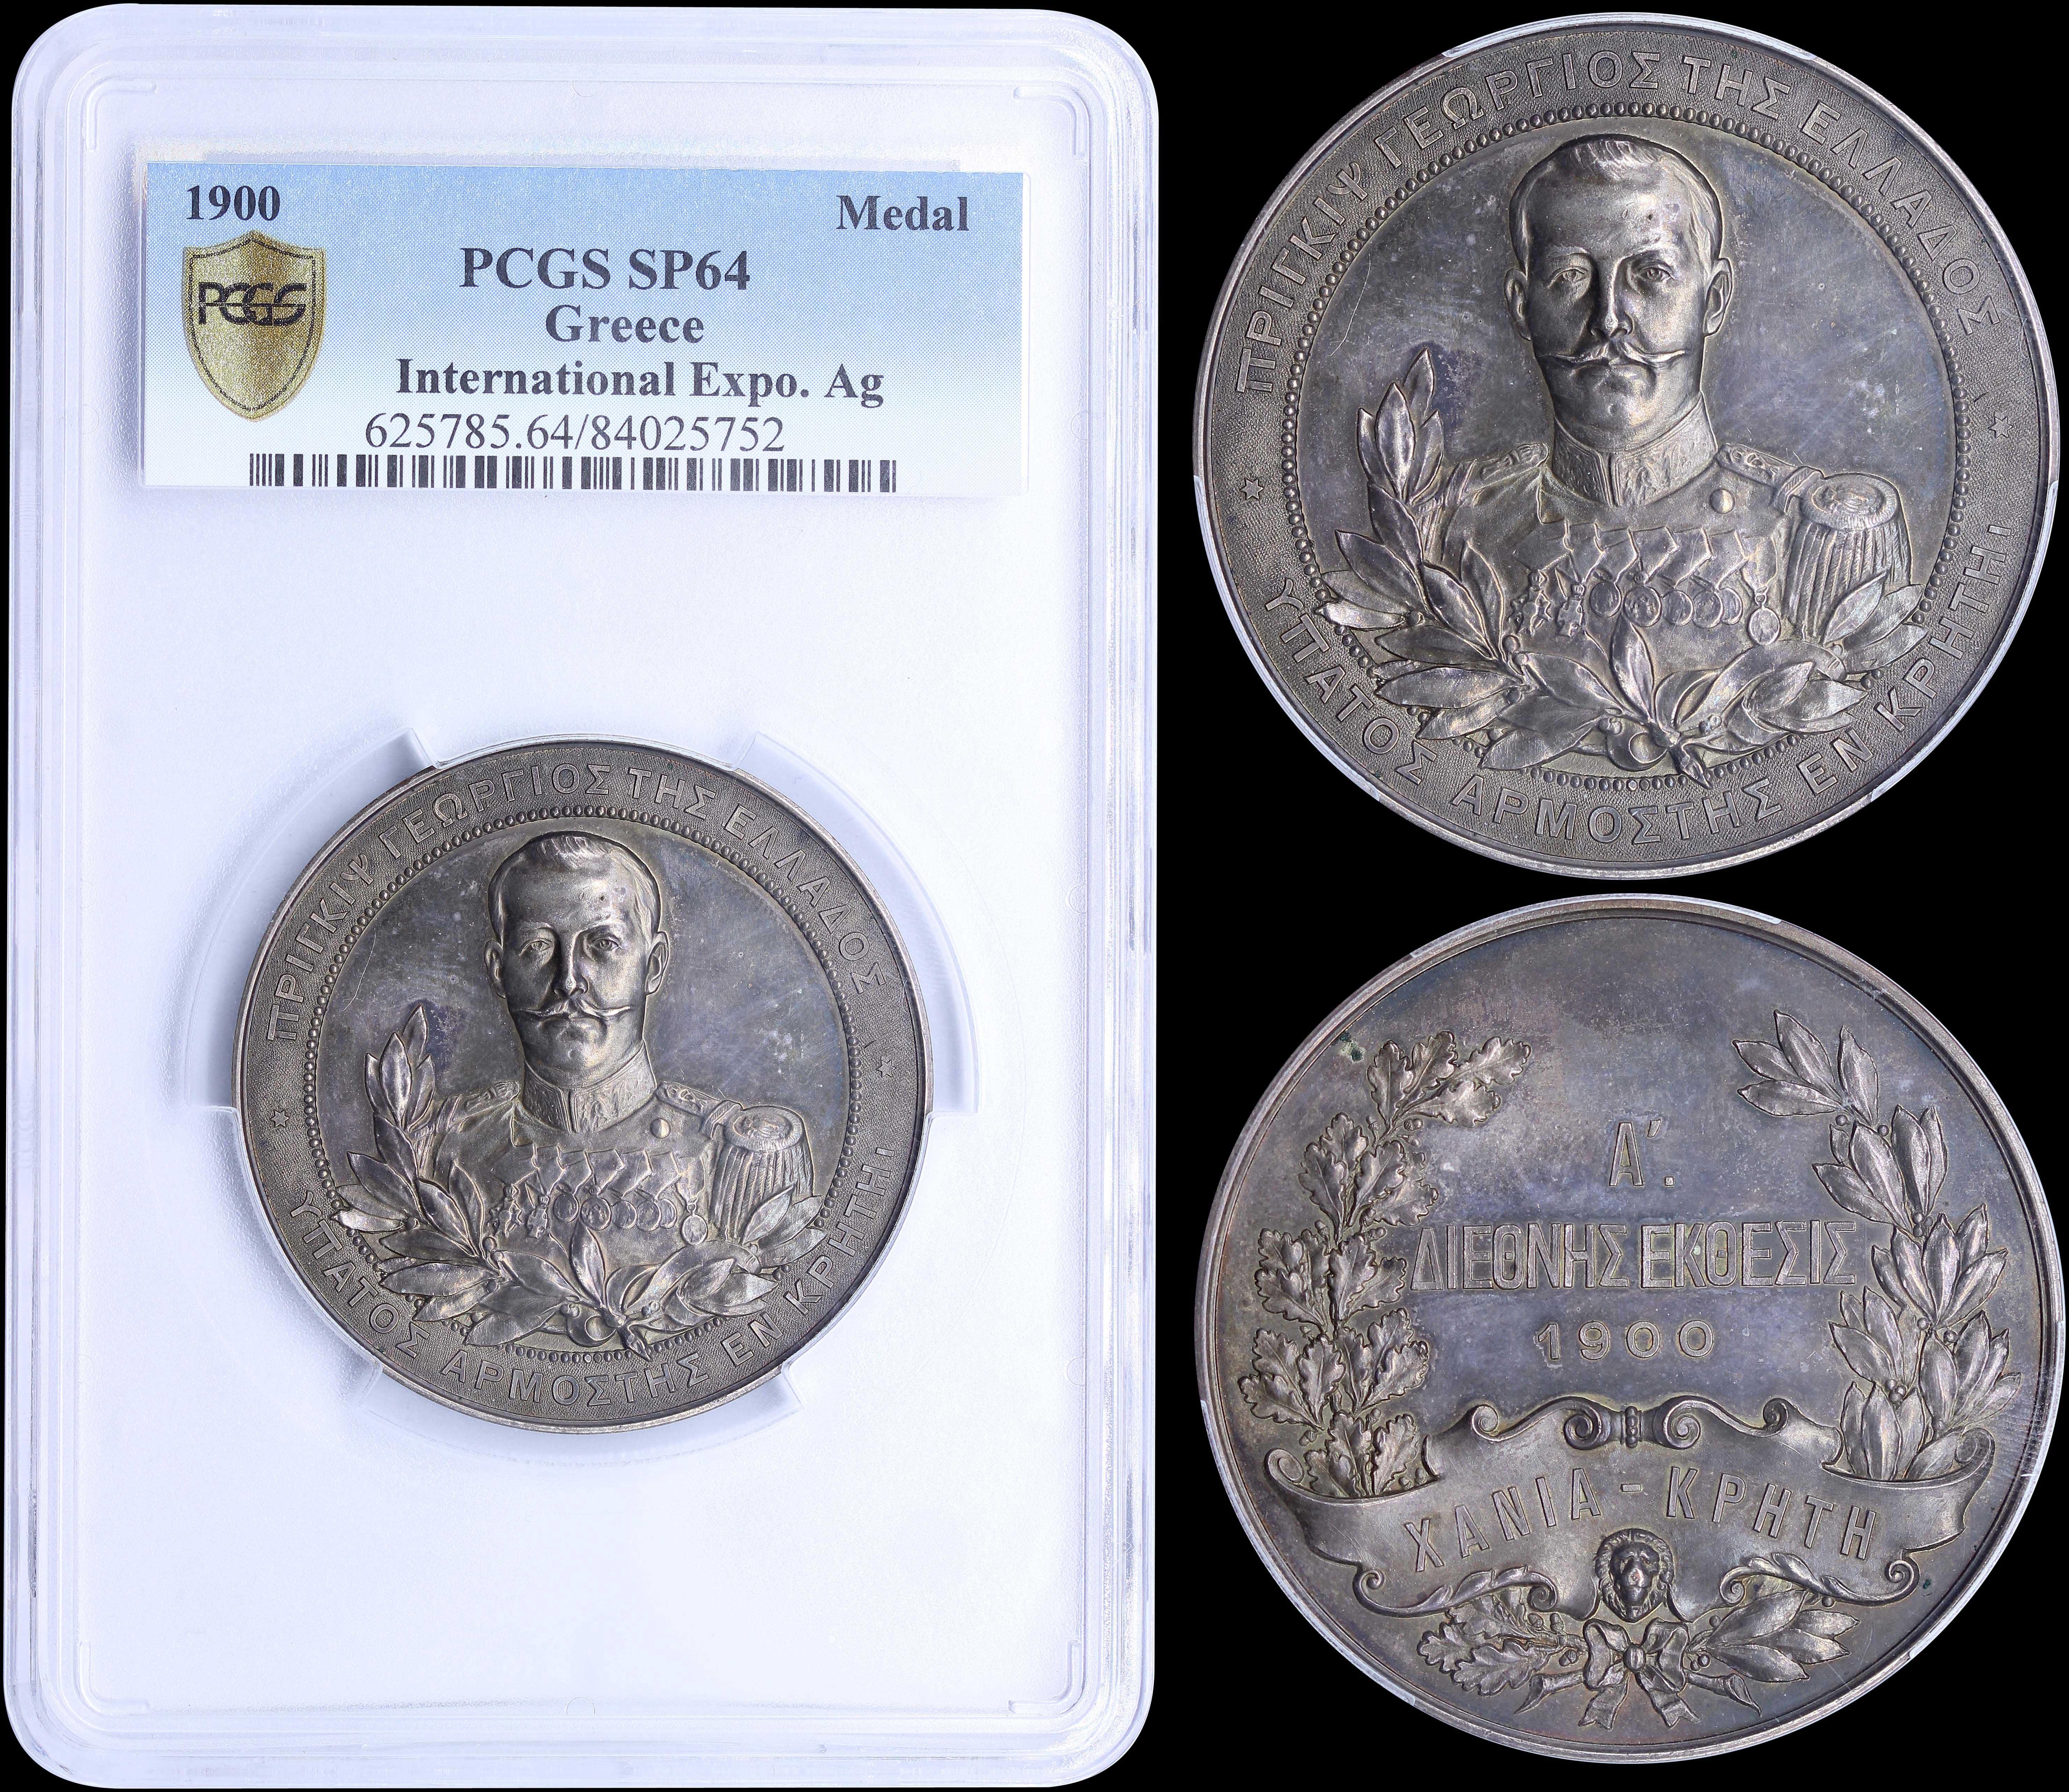 Lot 6557 - -  MEDALS & DECORATIONS various greek medals -  A. Karamitsos Public & Live Bid Auction 636 Coins, Medals & Banknotes